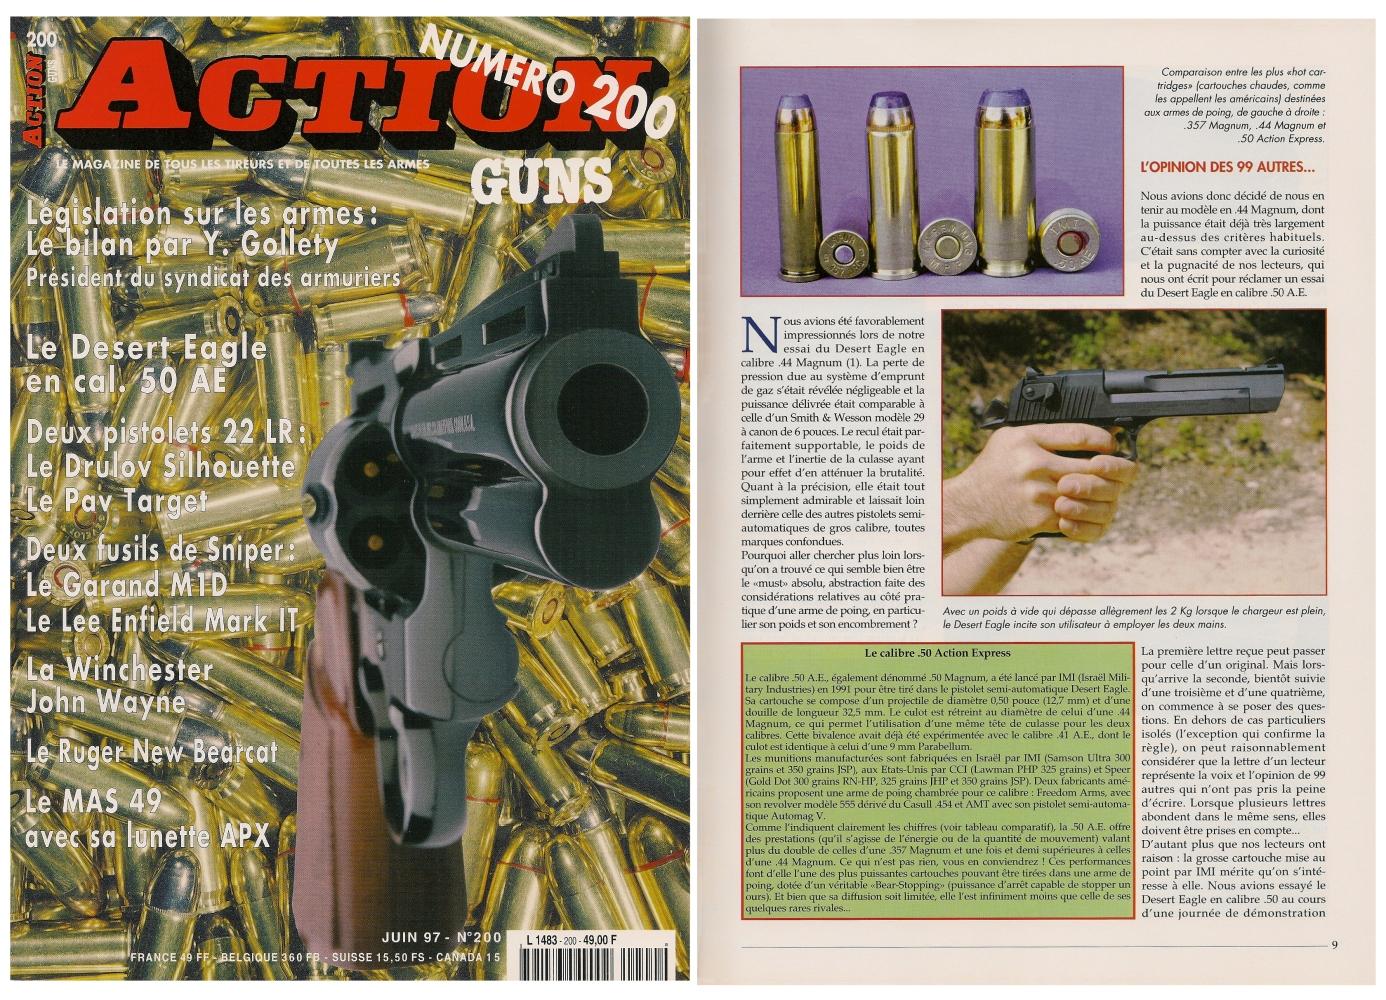 Le banc d'essai du pistolet Desert Eagle en calibre .50 AE a été publié sur 7 pages dans le magazine Action Guns n°200 (juin 1997).